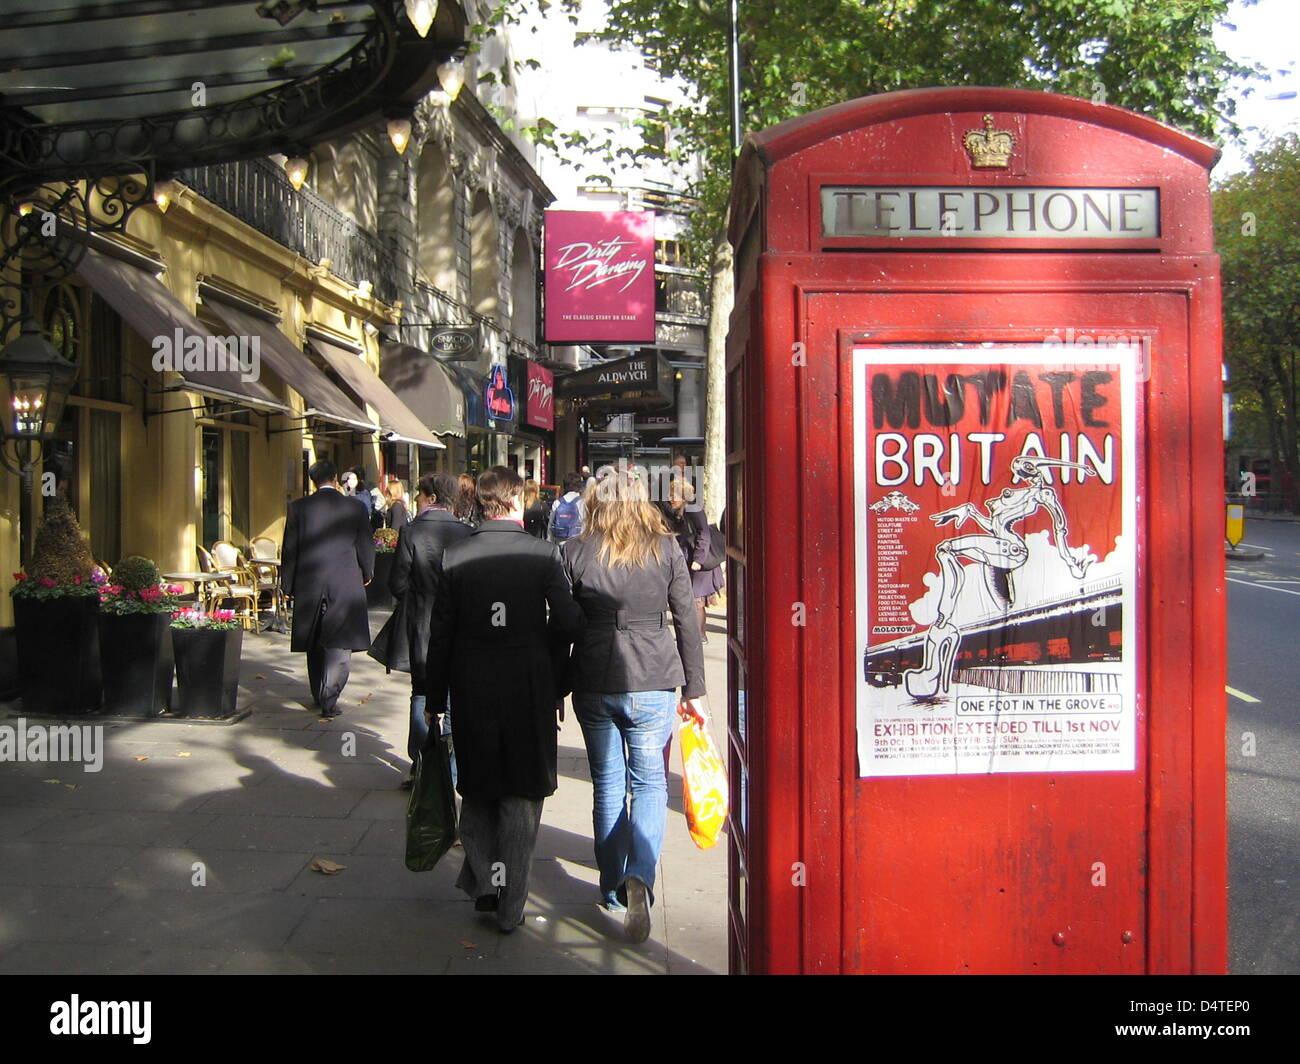 Une cabine téléphonique rouge à une route d'affaires à Londres, Royaume-Uni, 26 octobre 2009. Photo: Johannes Reichert Banque D'Images